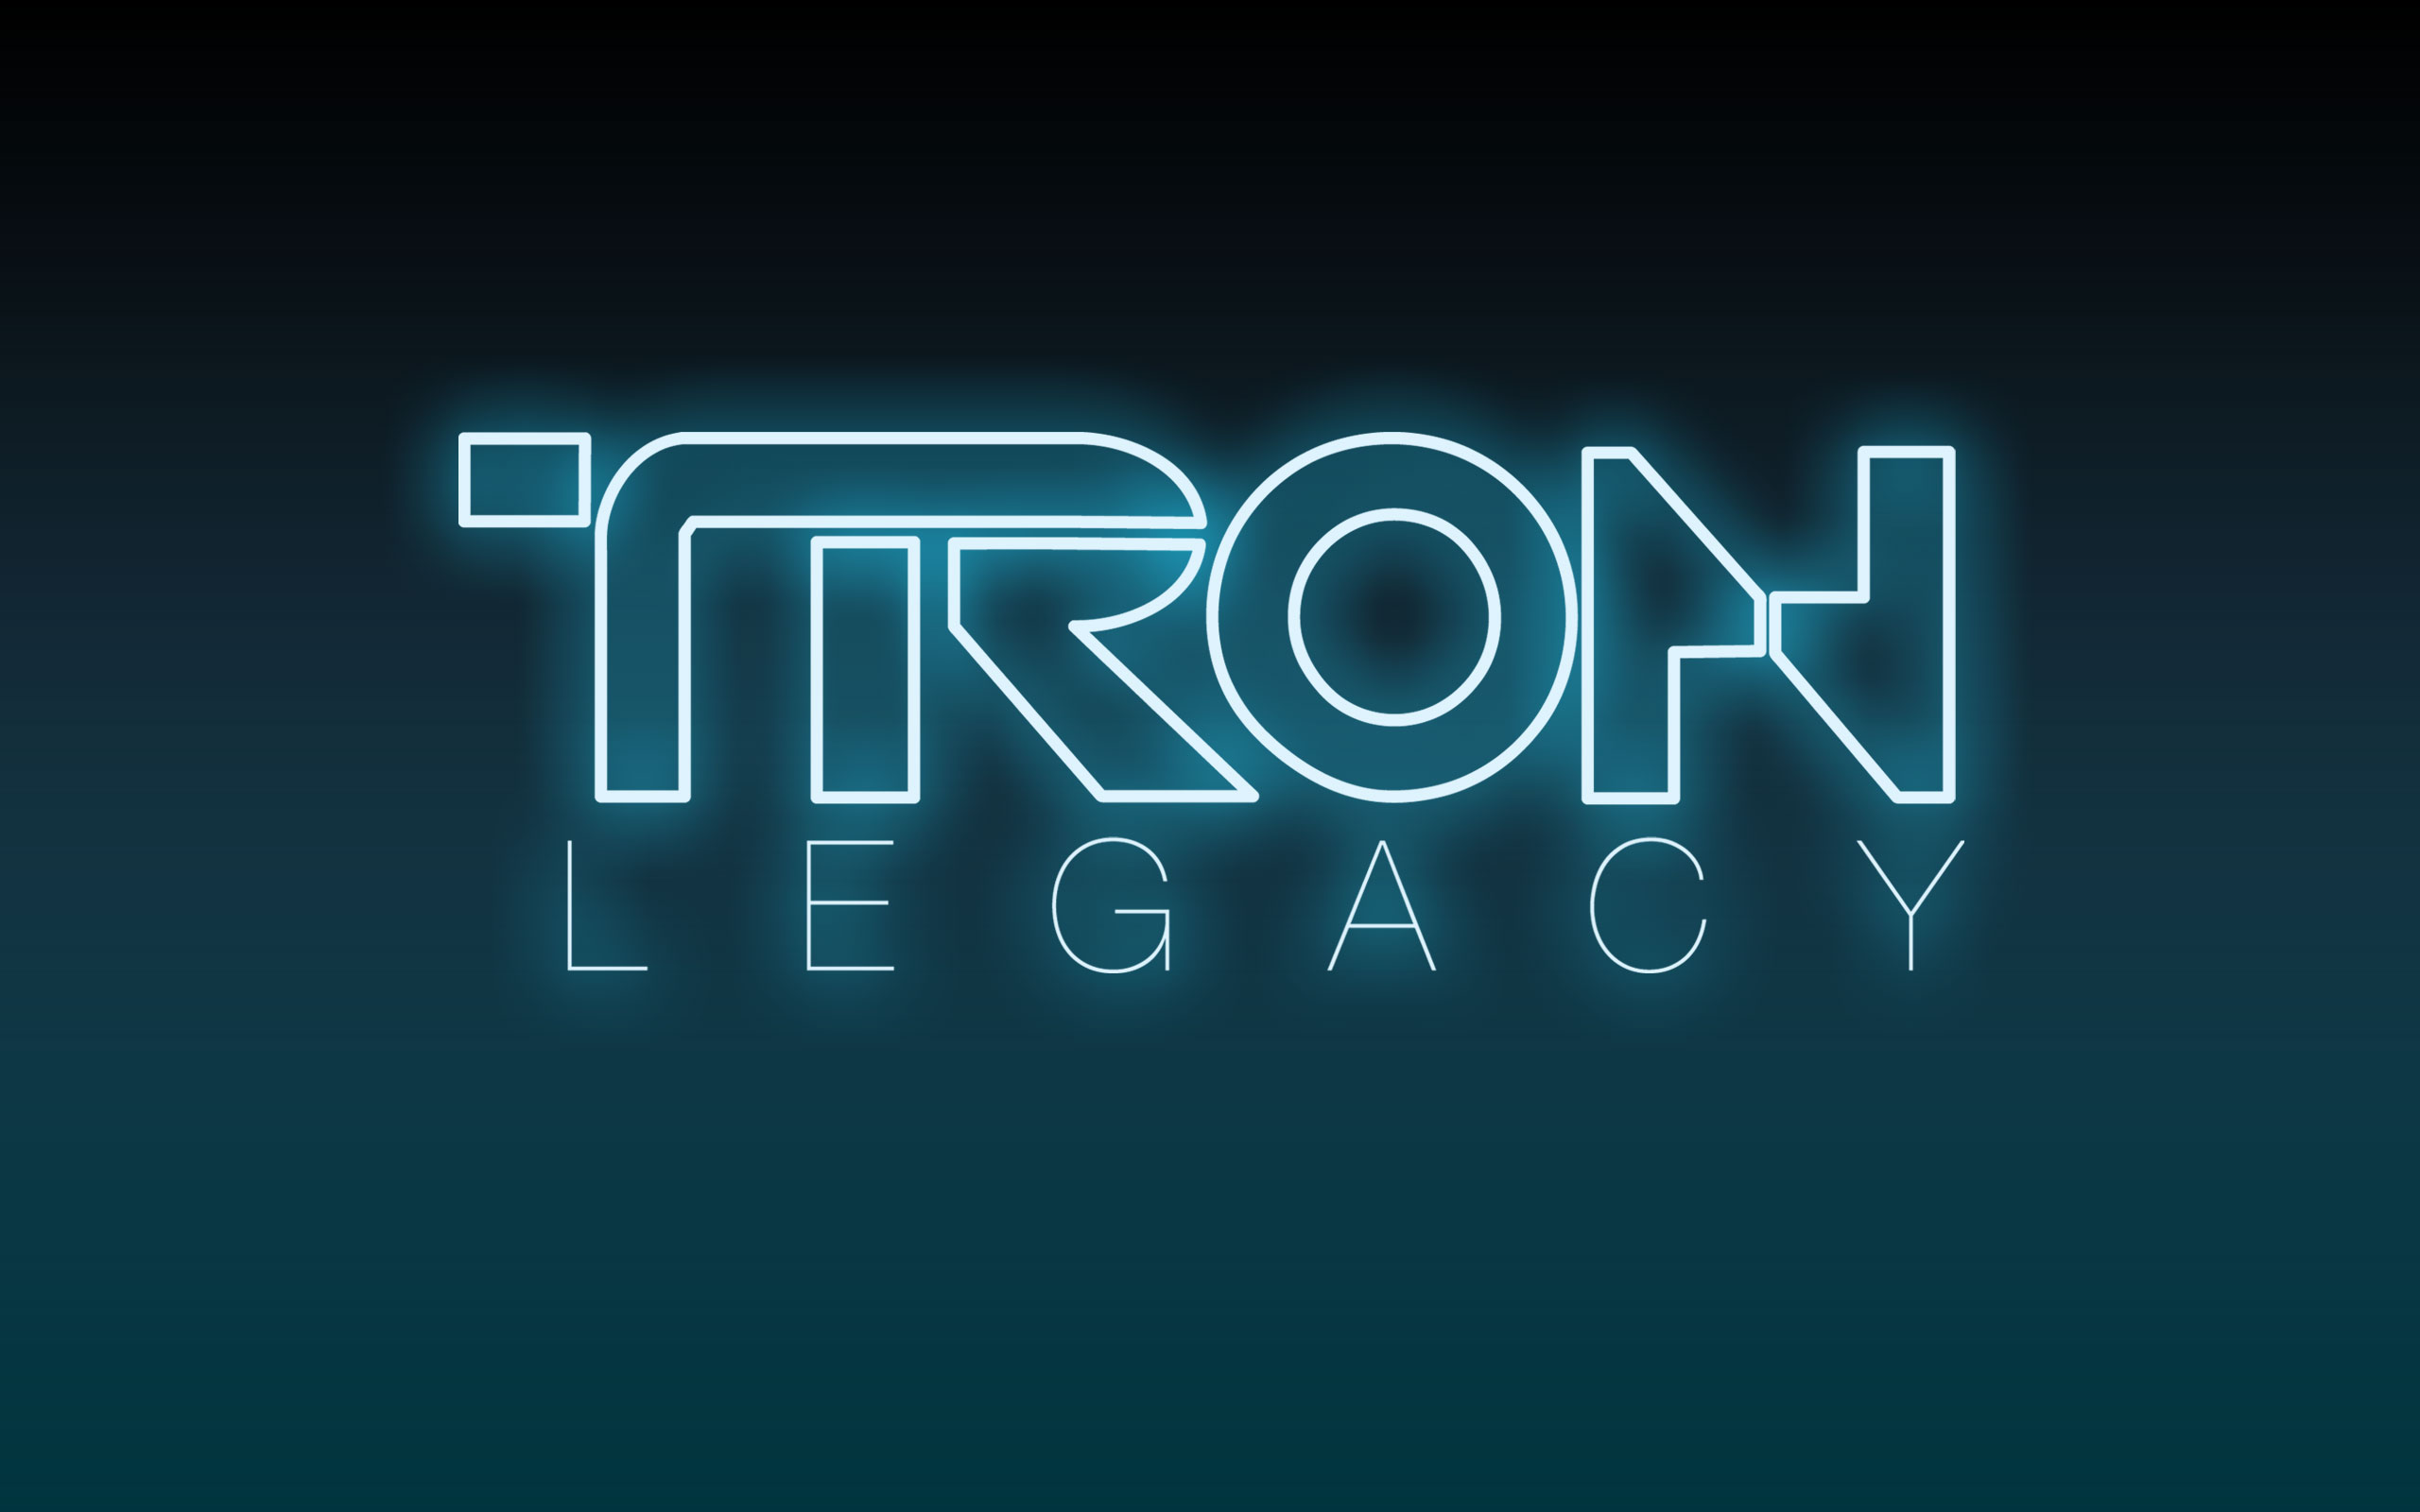 Tron Legacy wallpaper 1